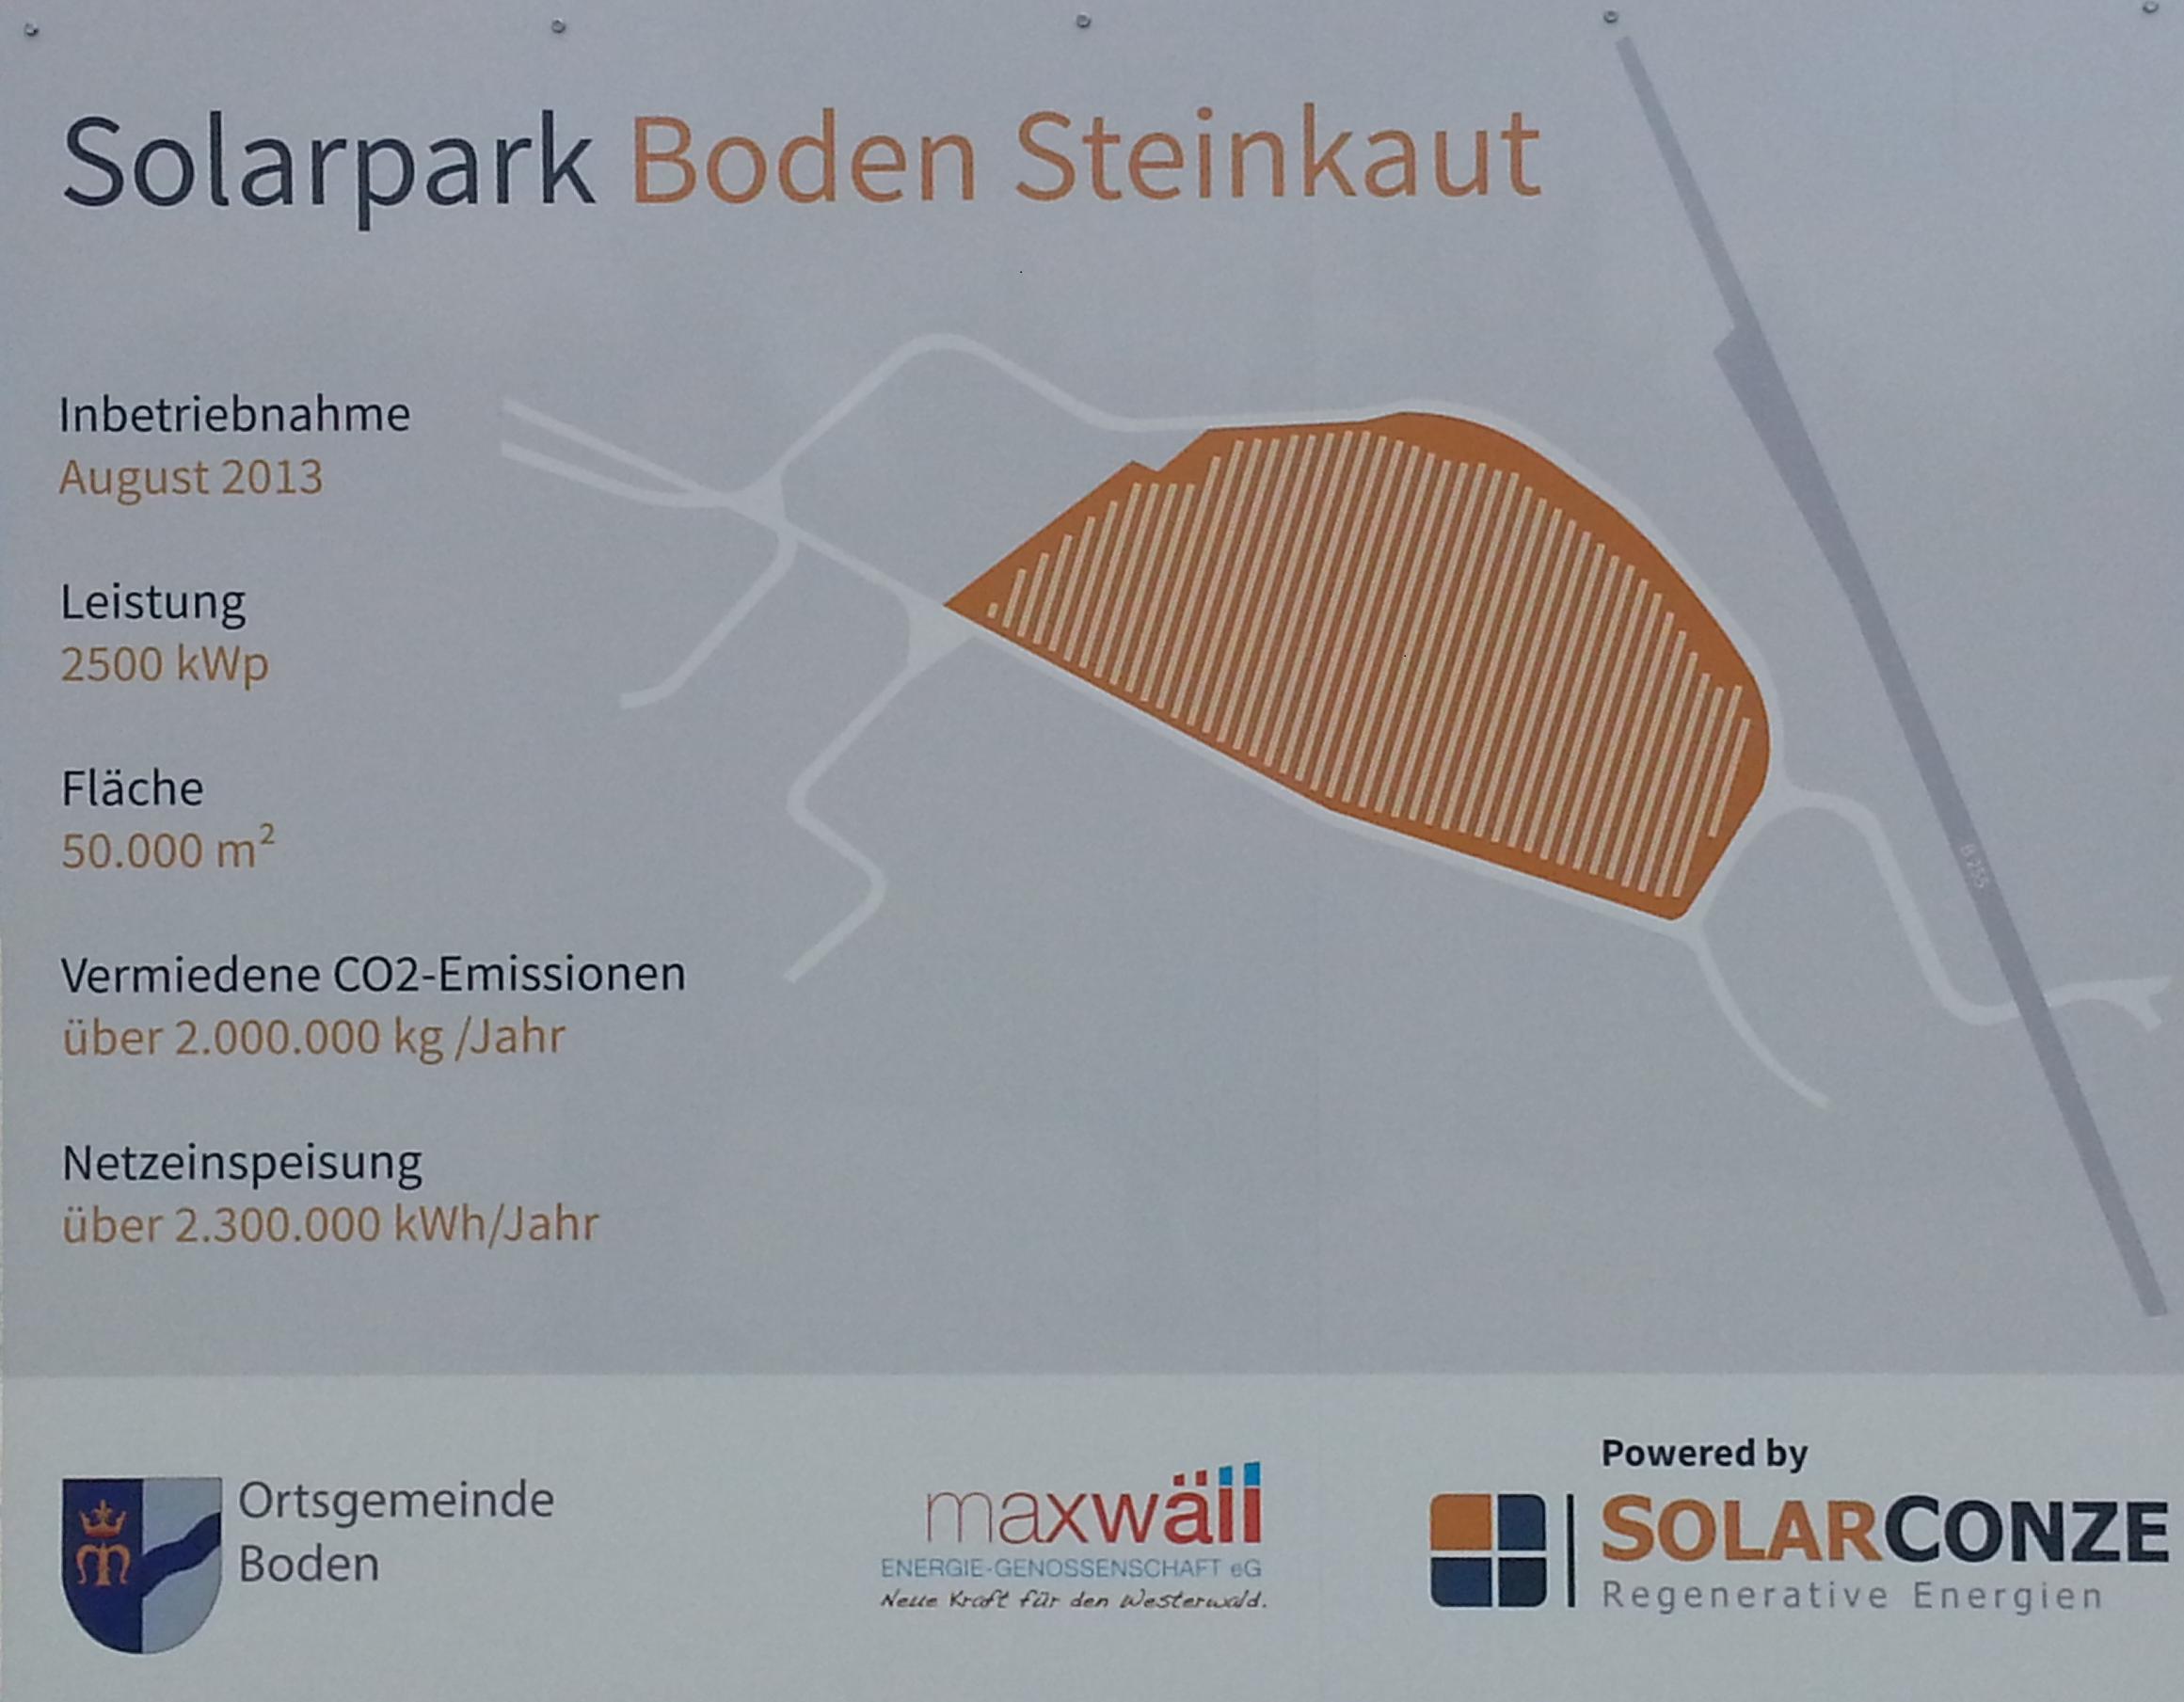 Tafel am Haupteingang des Solarparks Boden Steinkaut